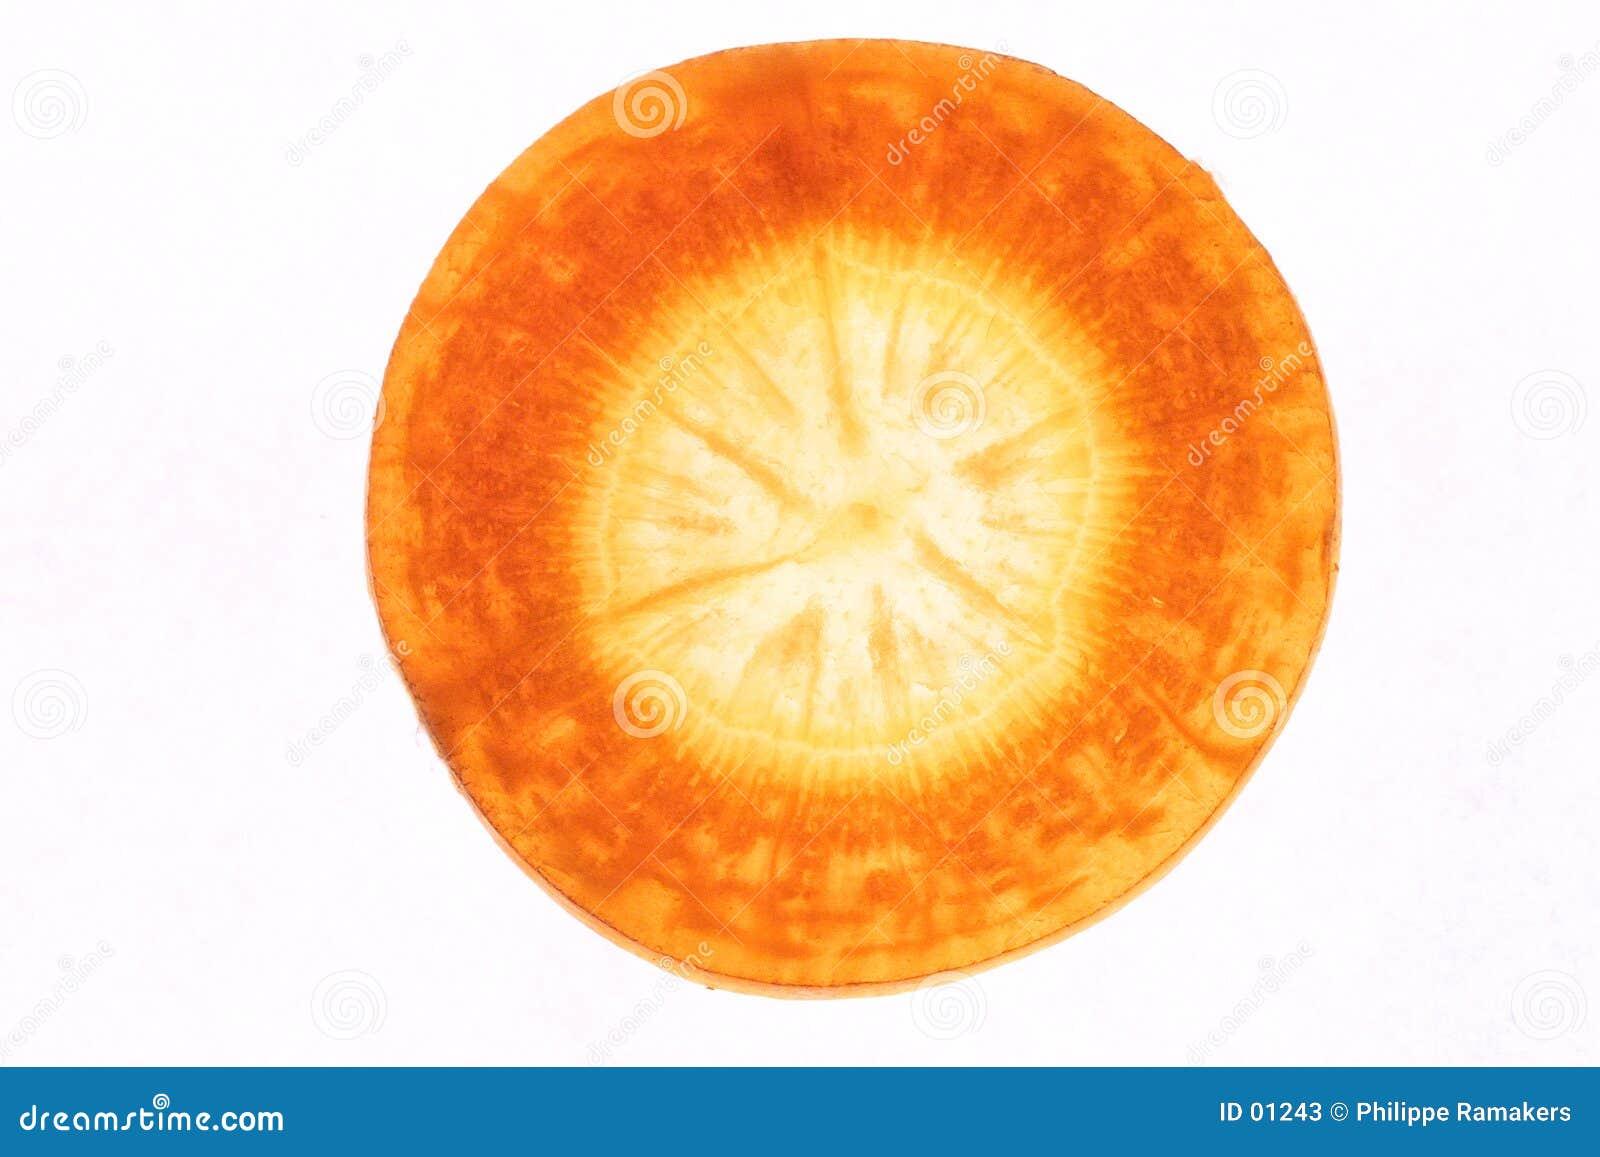 Detalhe da cenoura